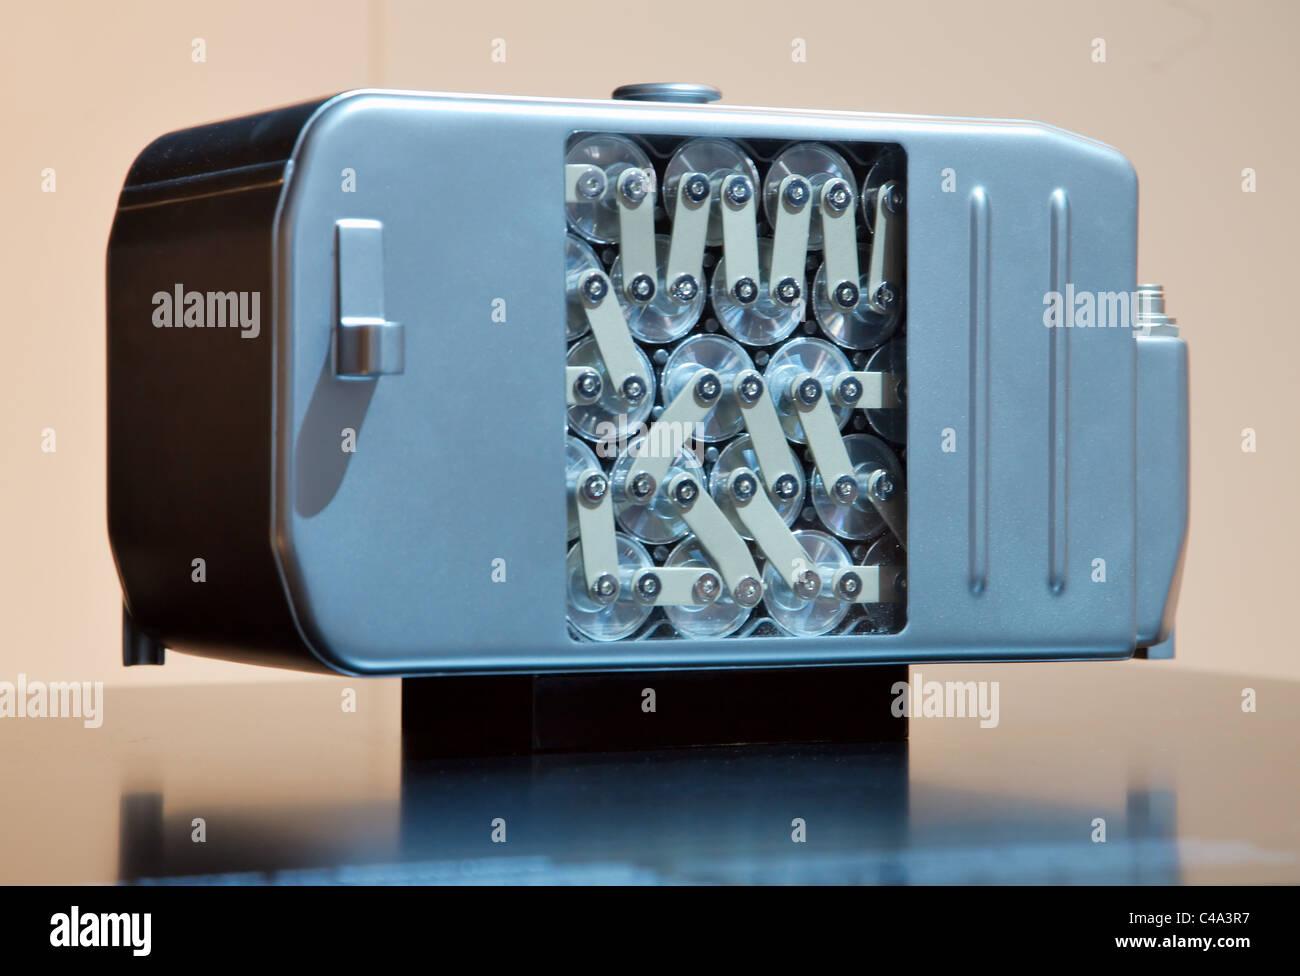 Batteria agli ioni di litio Mercedes Classe S Hybrid auto energia elettrica Immagini Stock